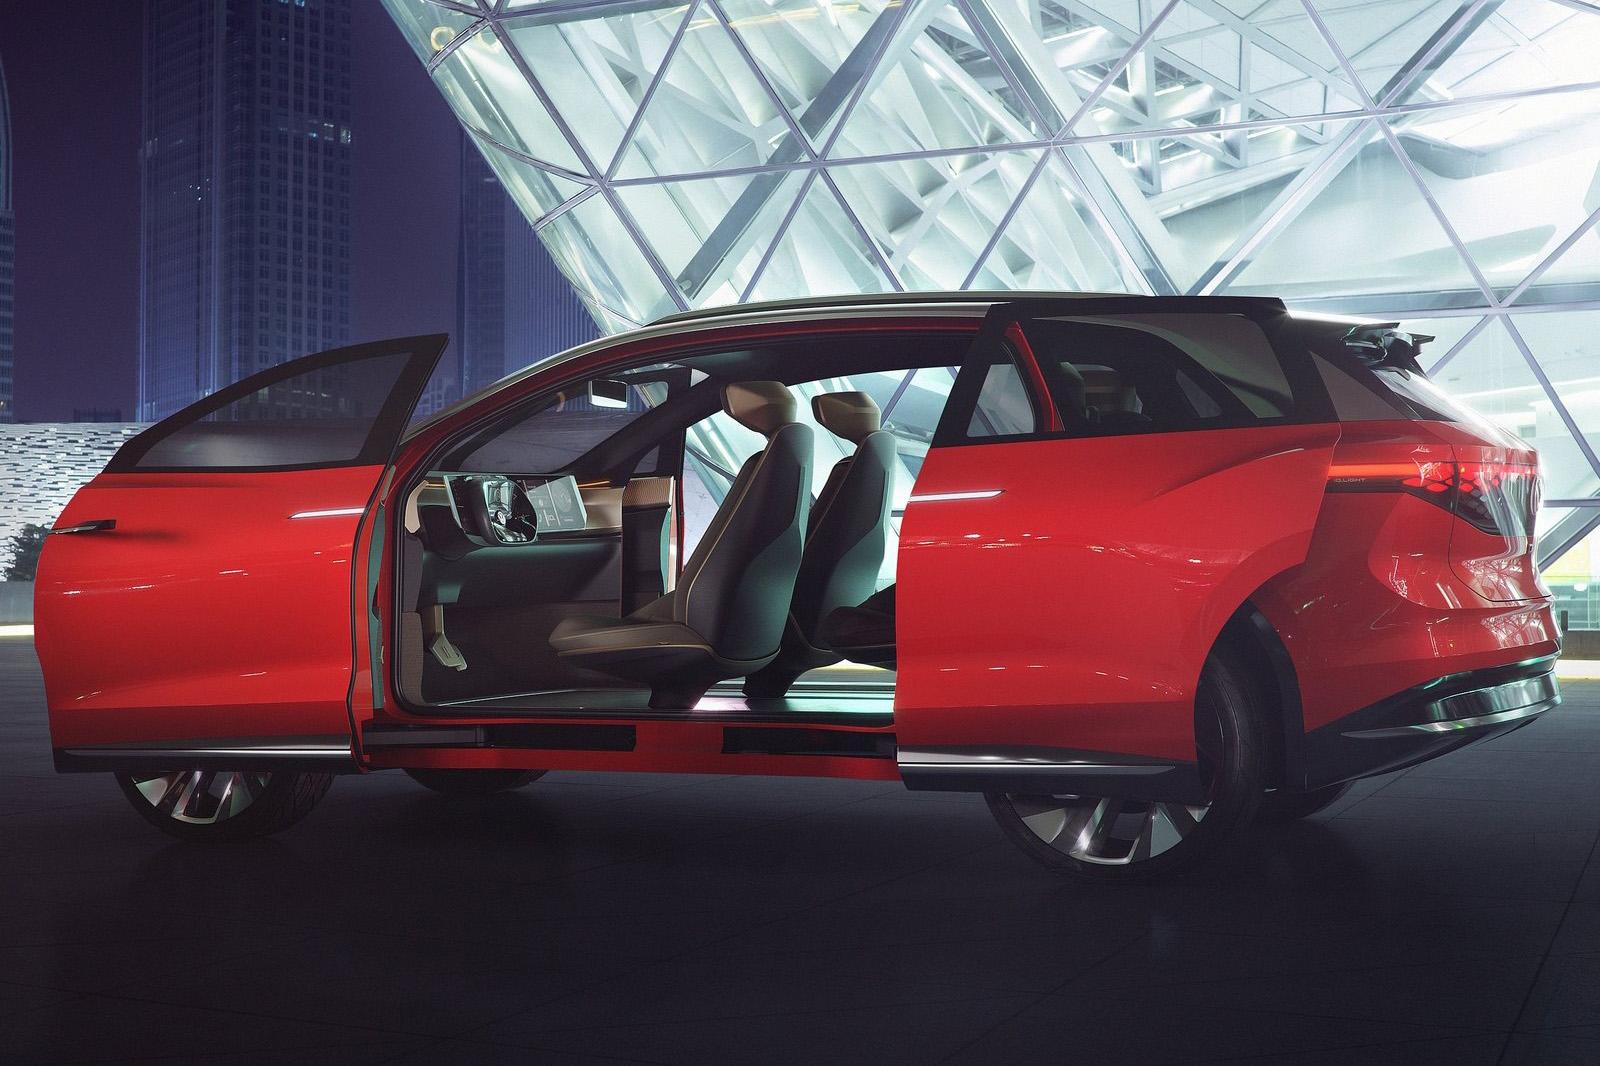 量產版本取消概念車的對開式滑門。